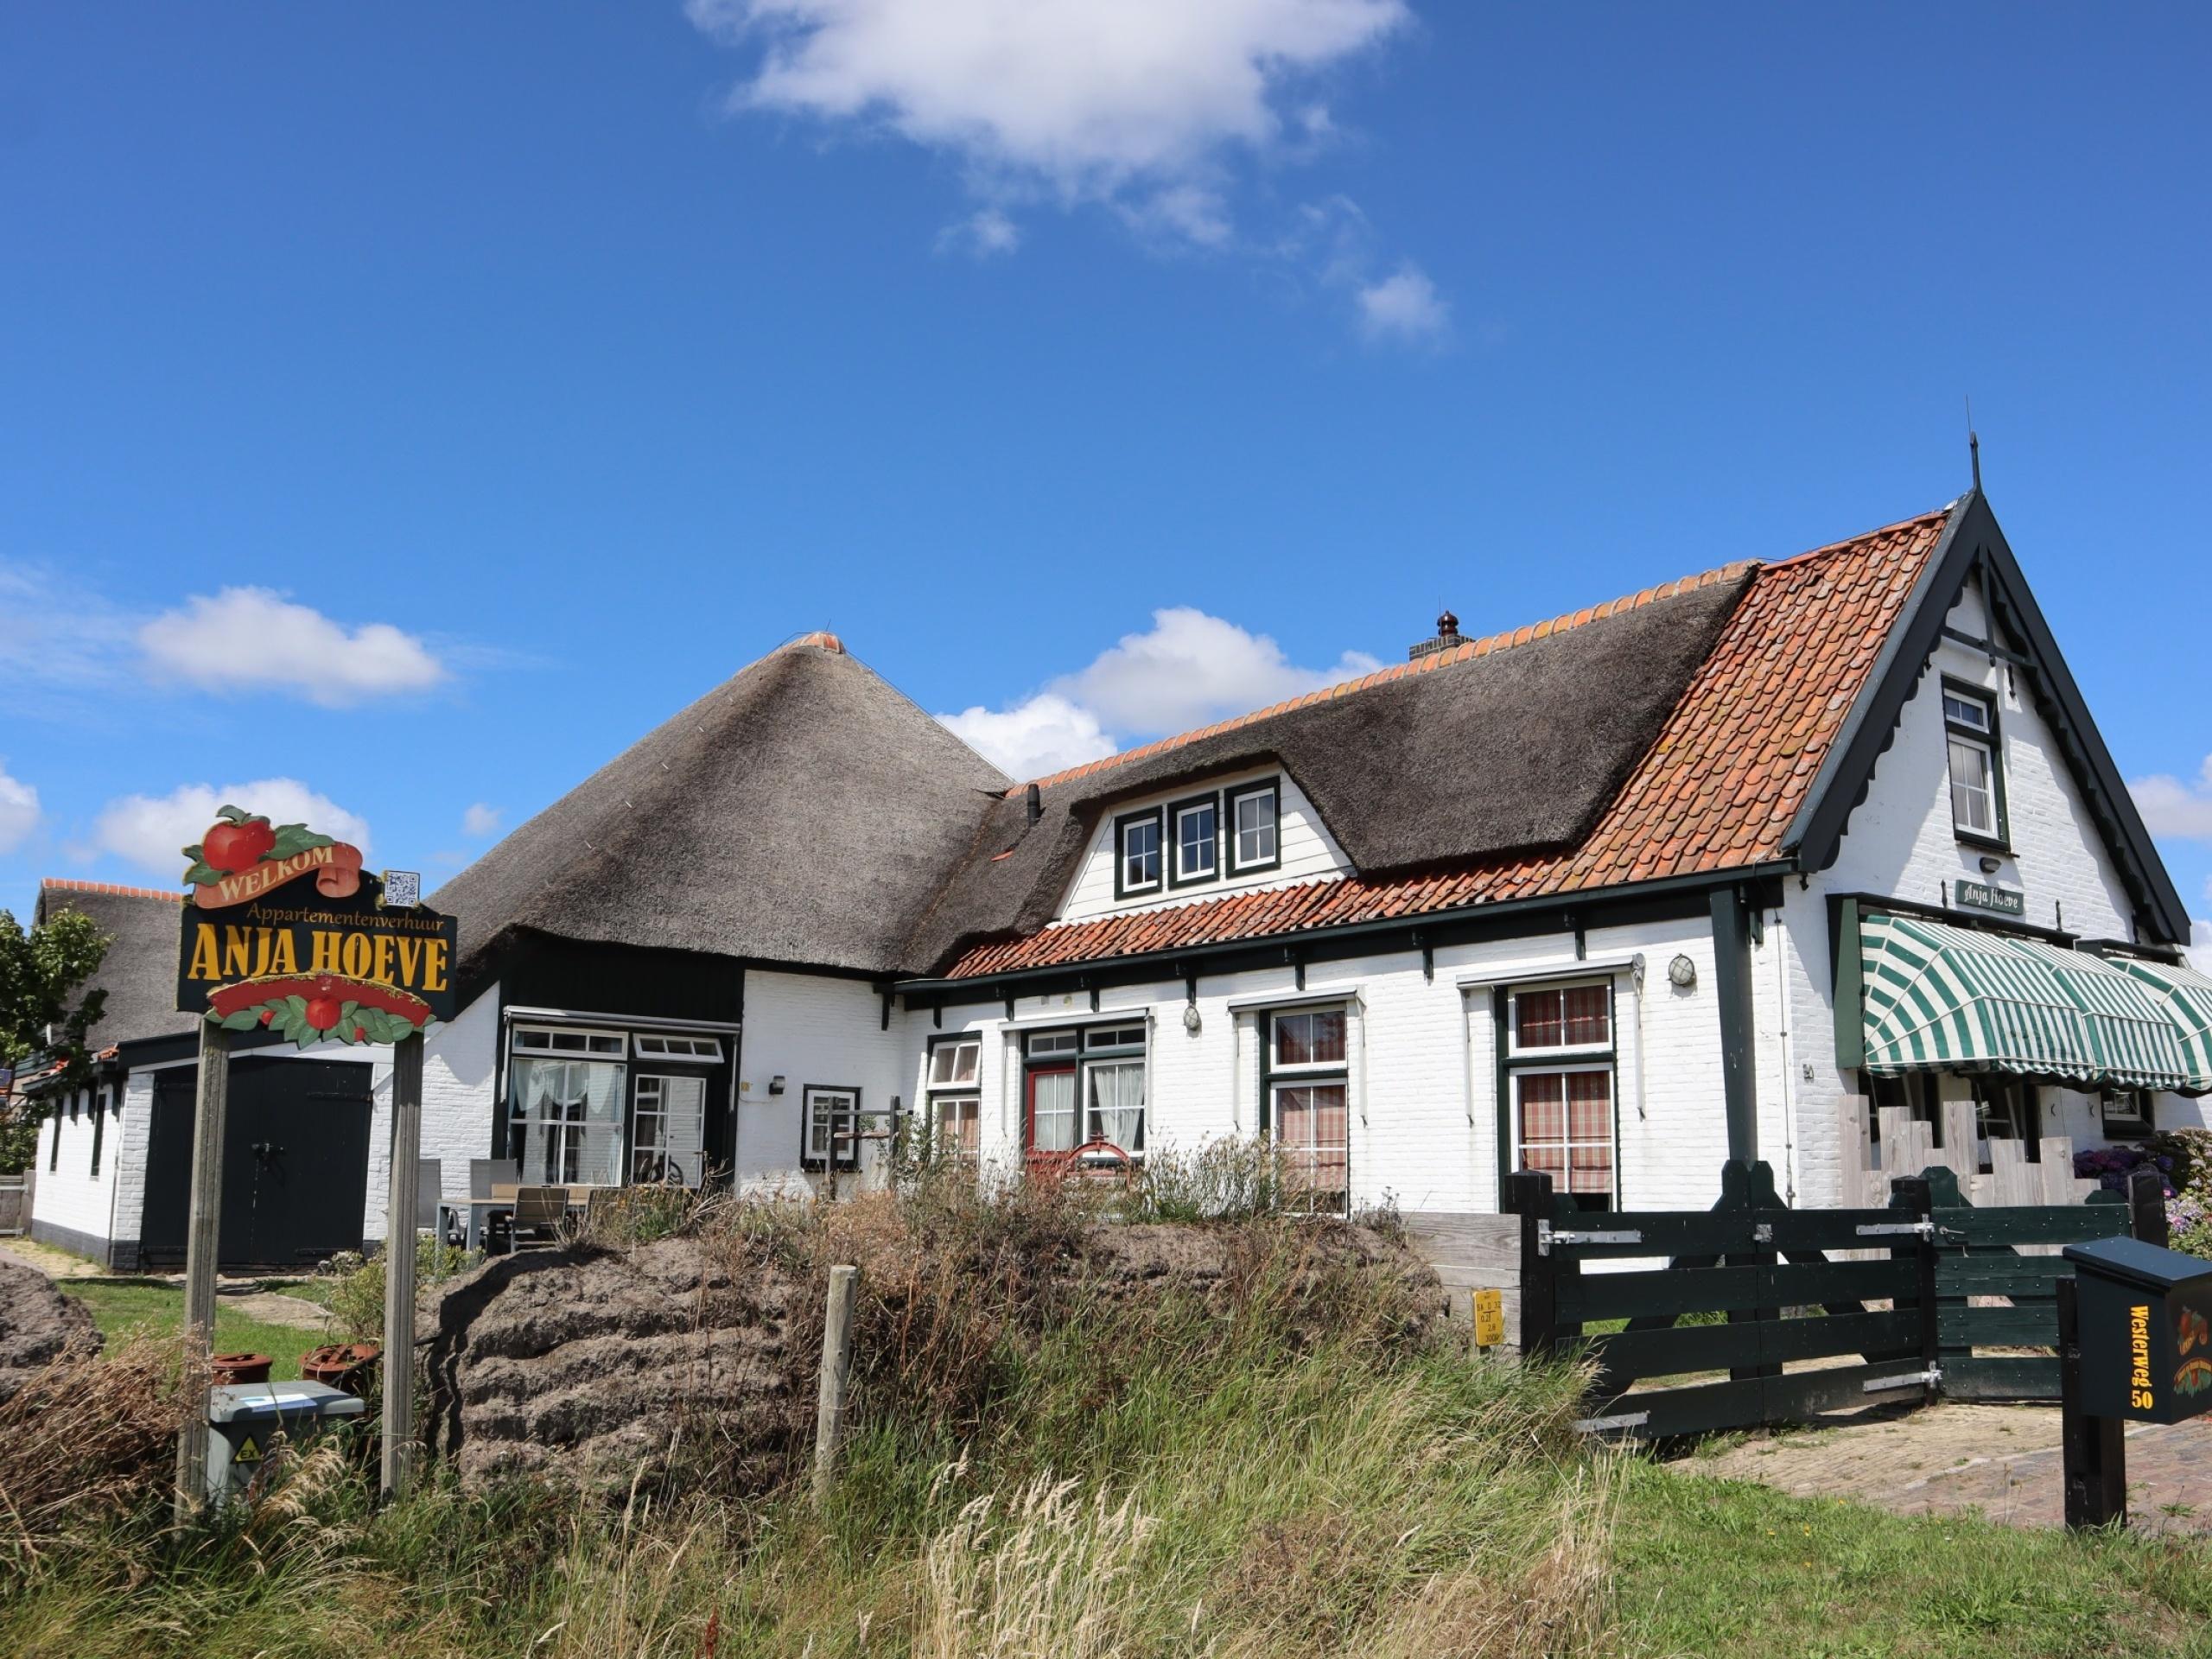 Appartement nah zu Den Hoorn in reetgedecktem Bauernhof